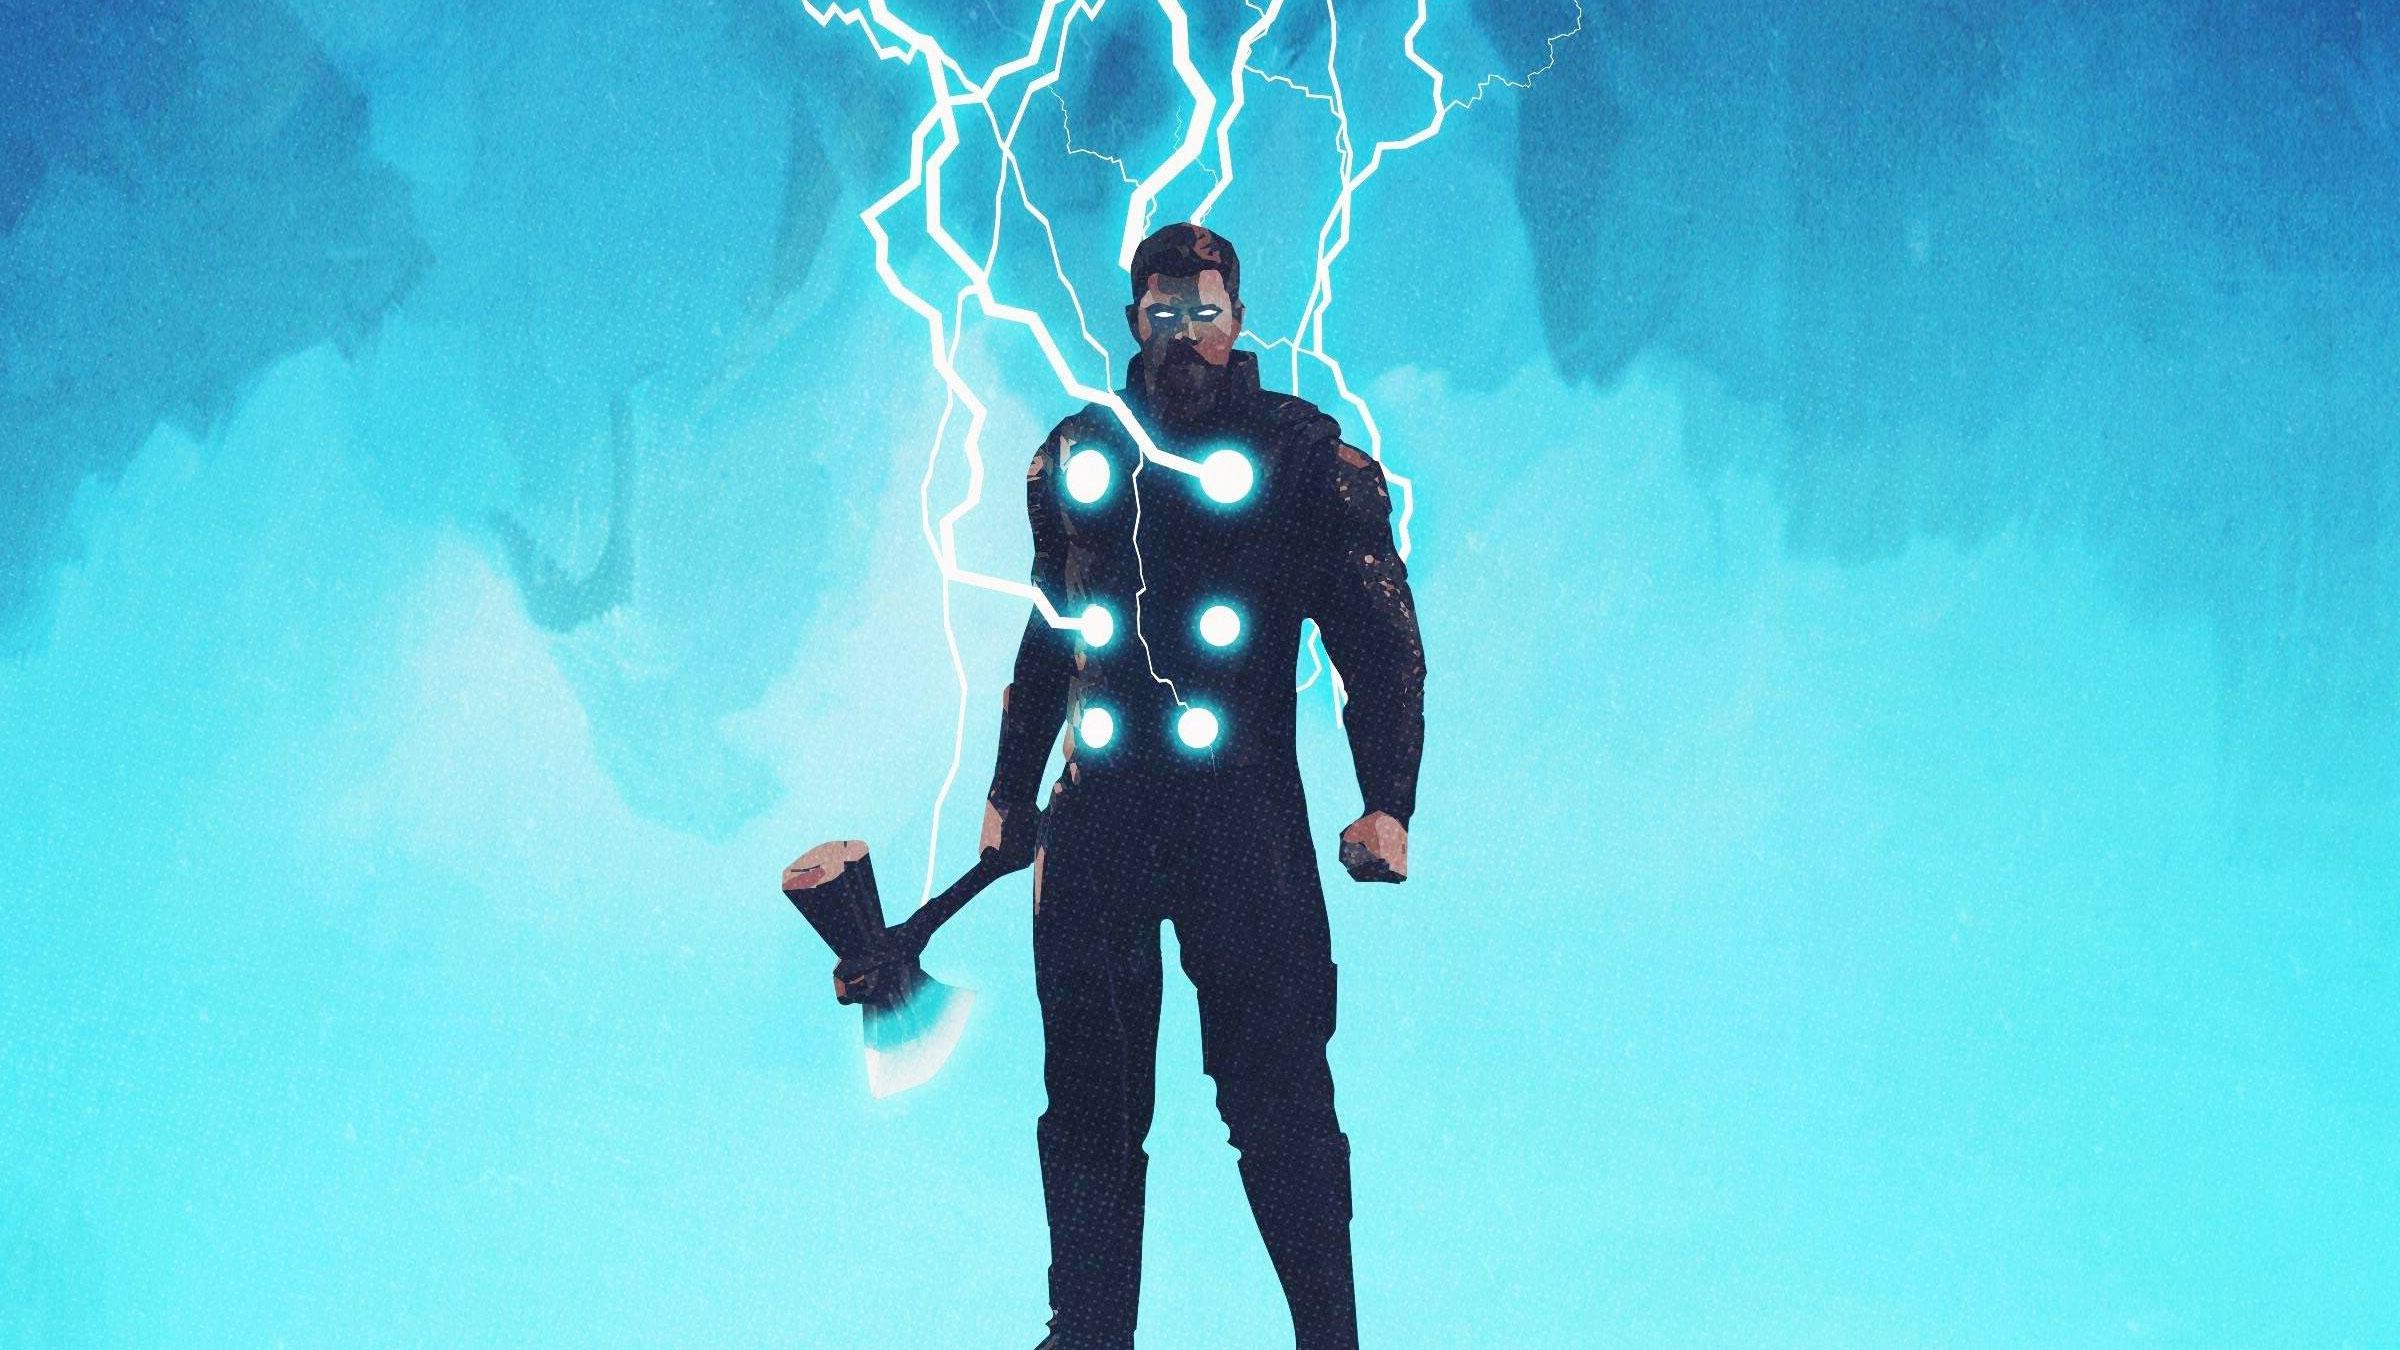 Thor Lightning 4K Wallpapers - Top Free Thor Lightning 4K ...